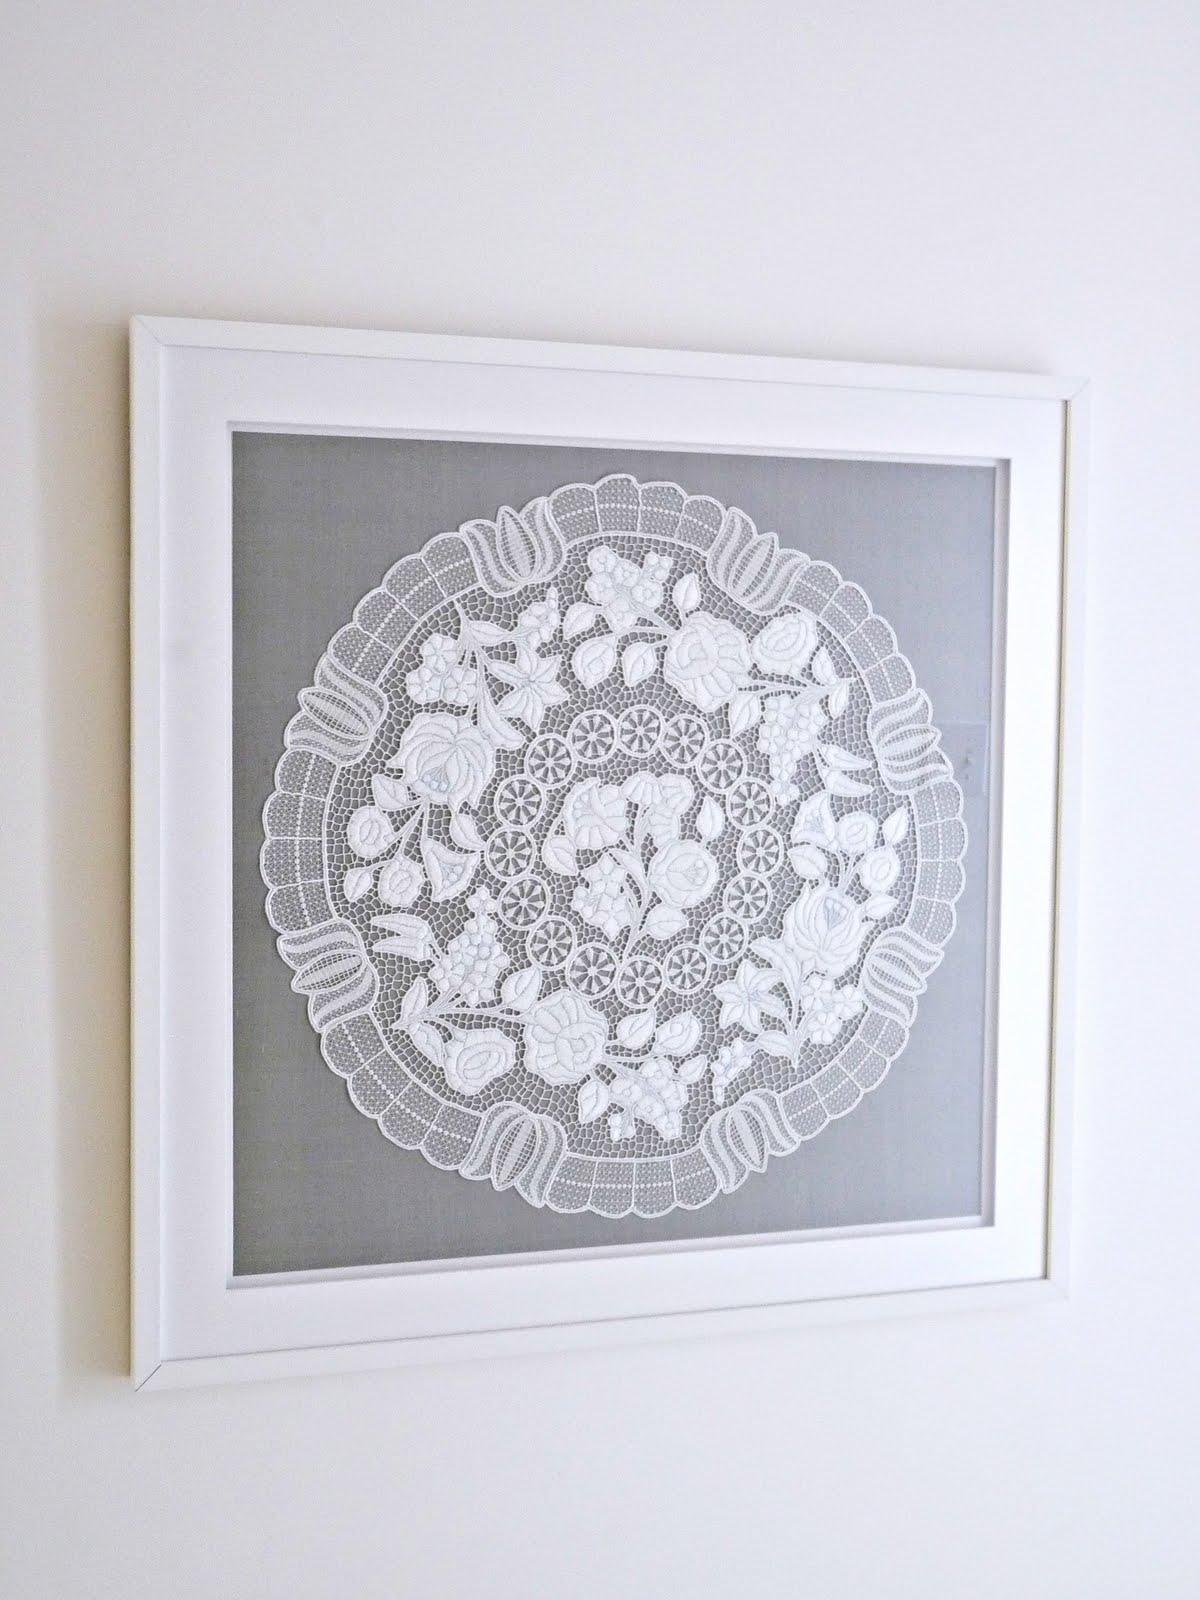 All White Kalocsa Embroidery